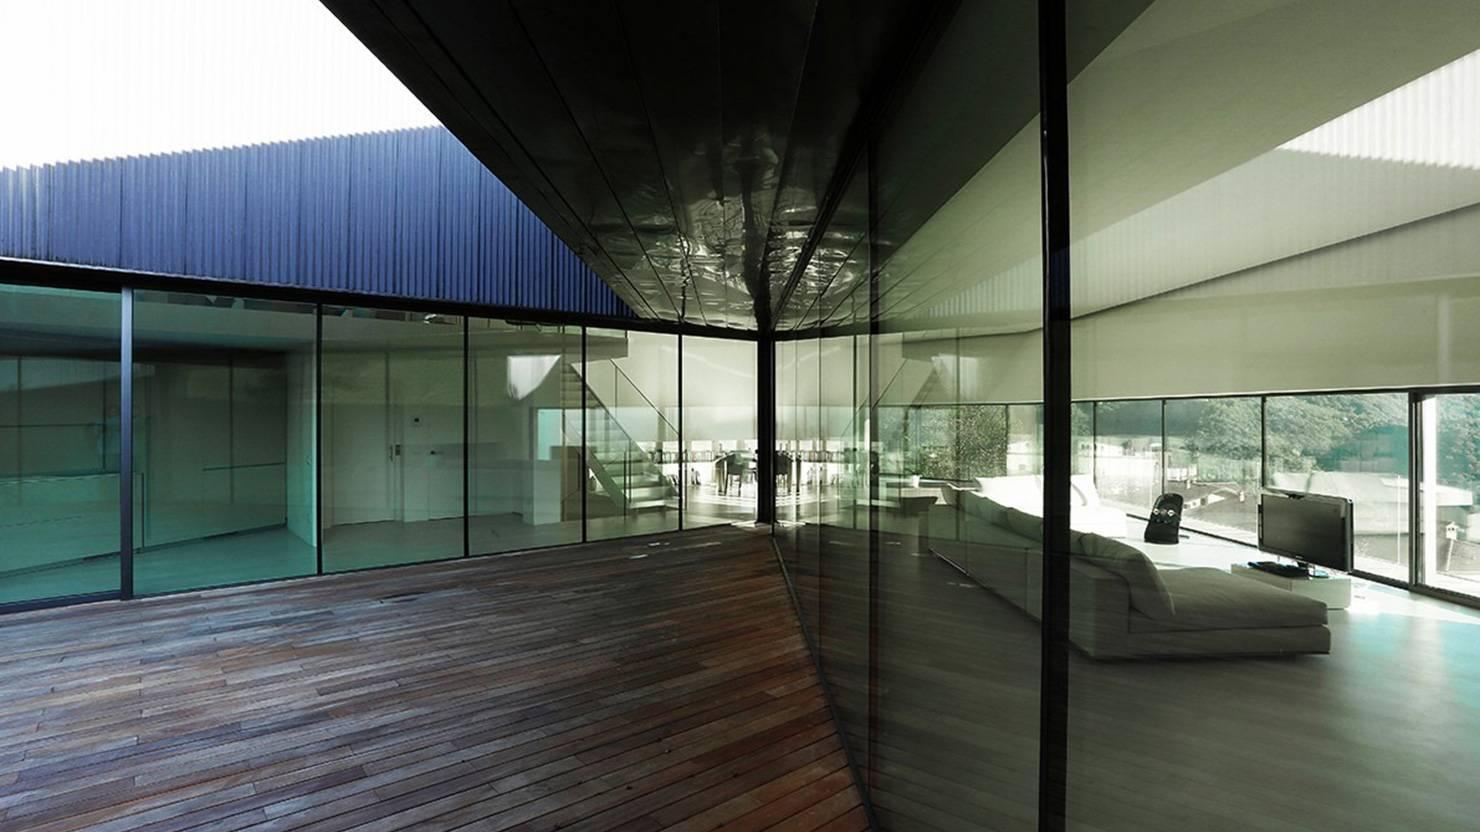 acciaio-zincato-serramenti-villa-alps-seccosistemi-2_project_big